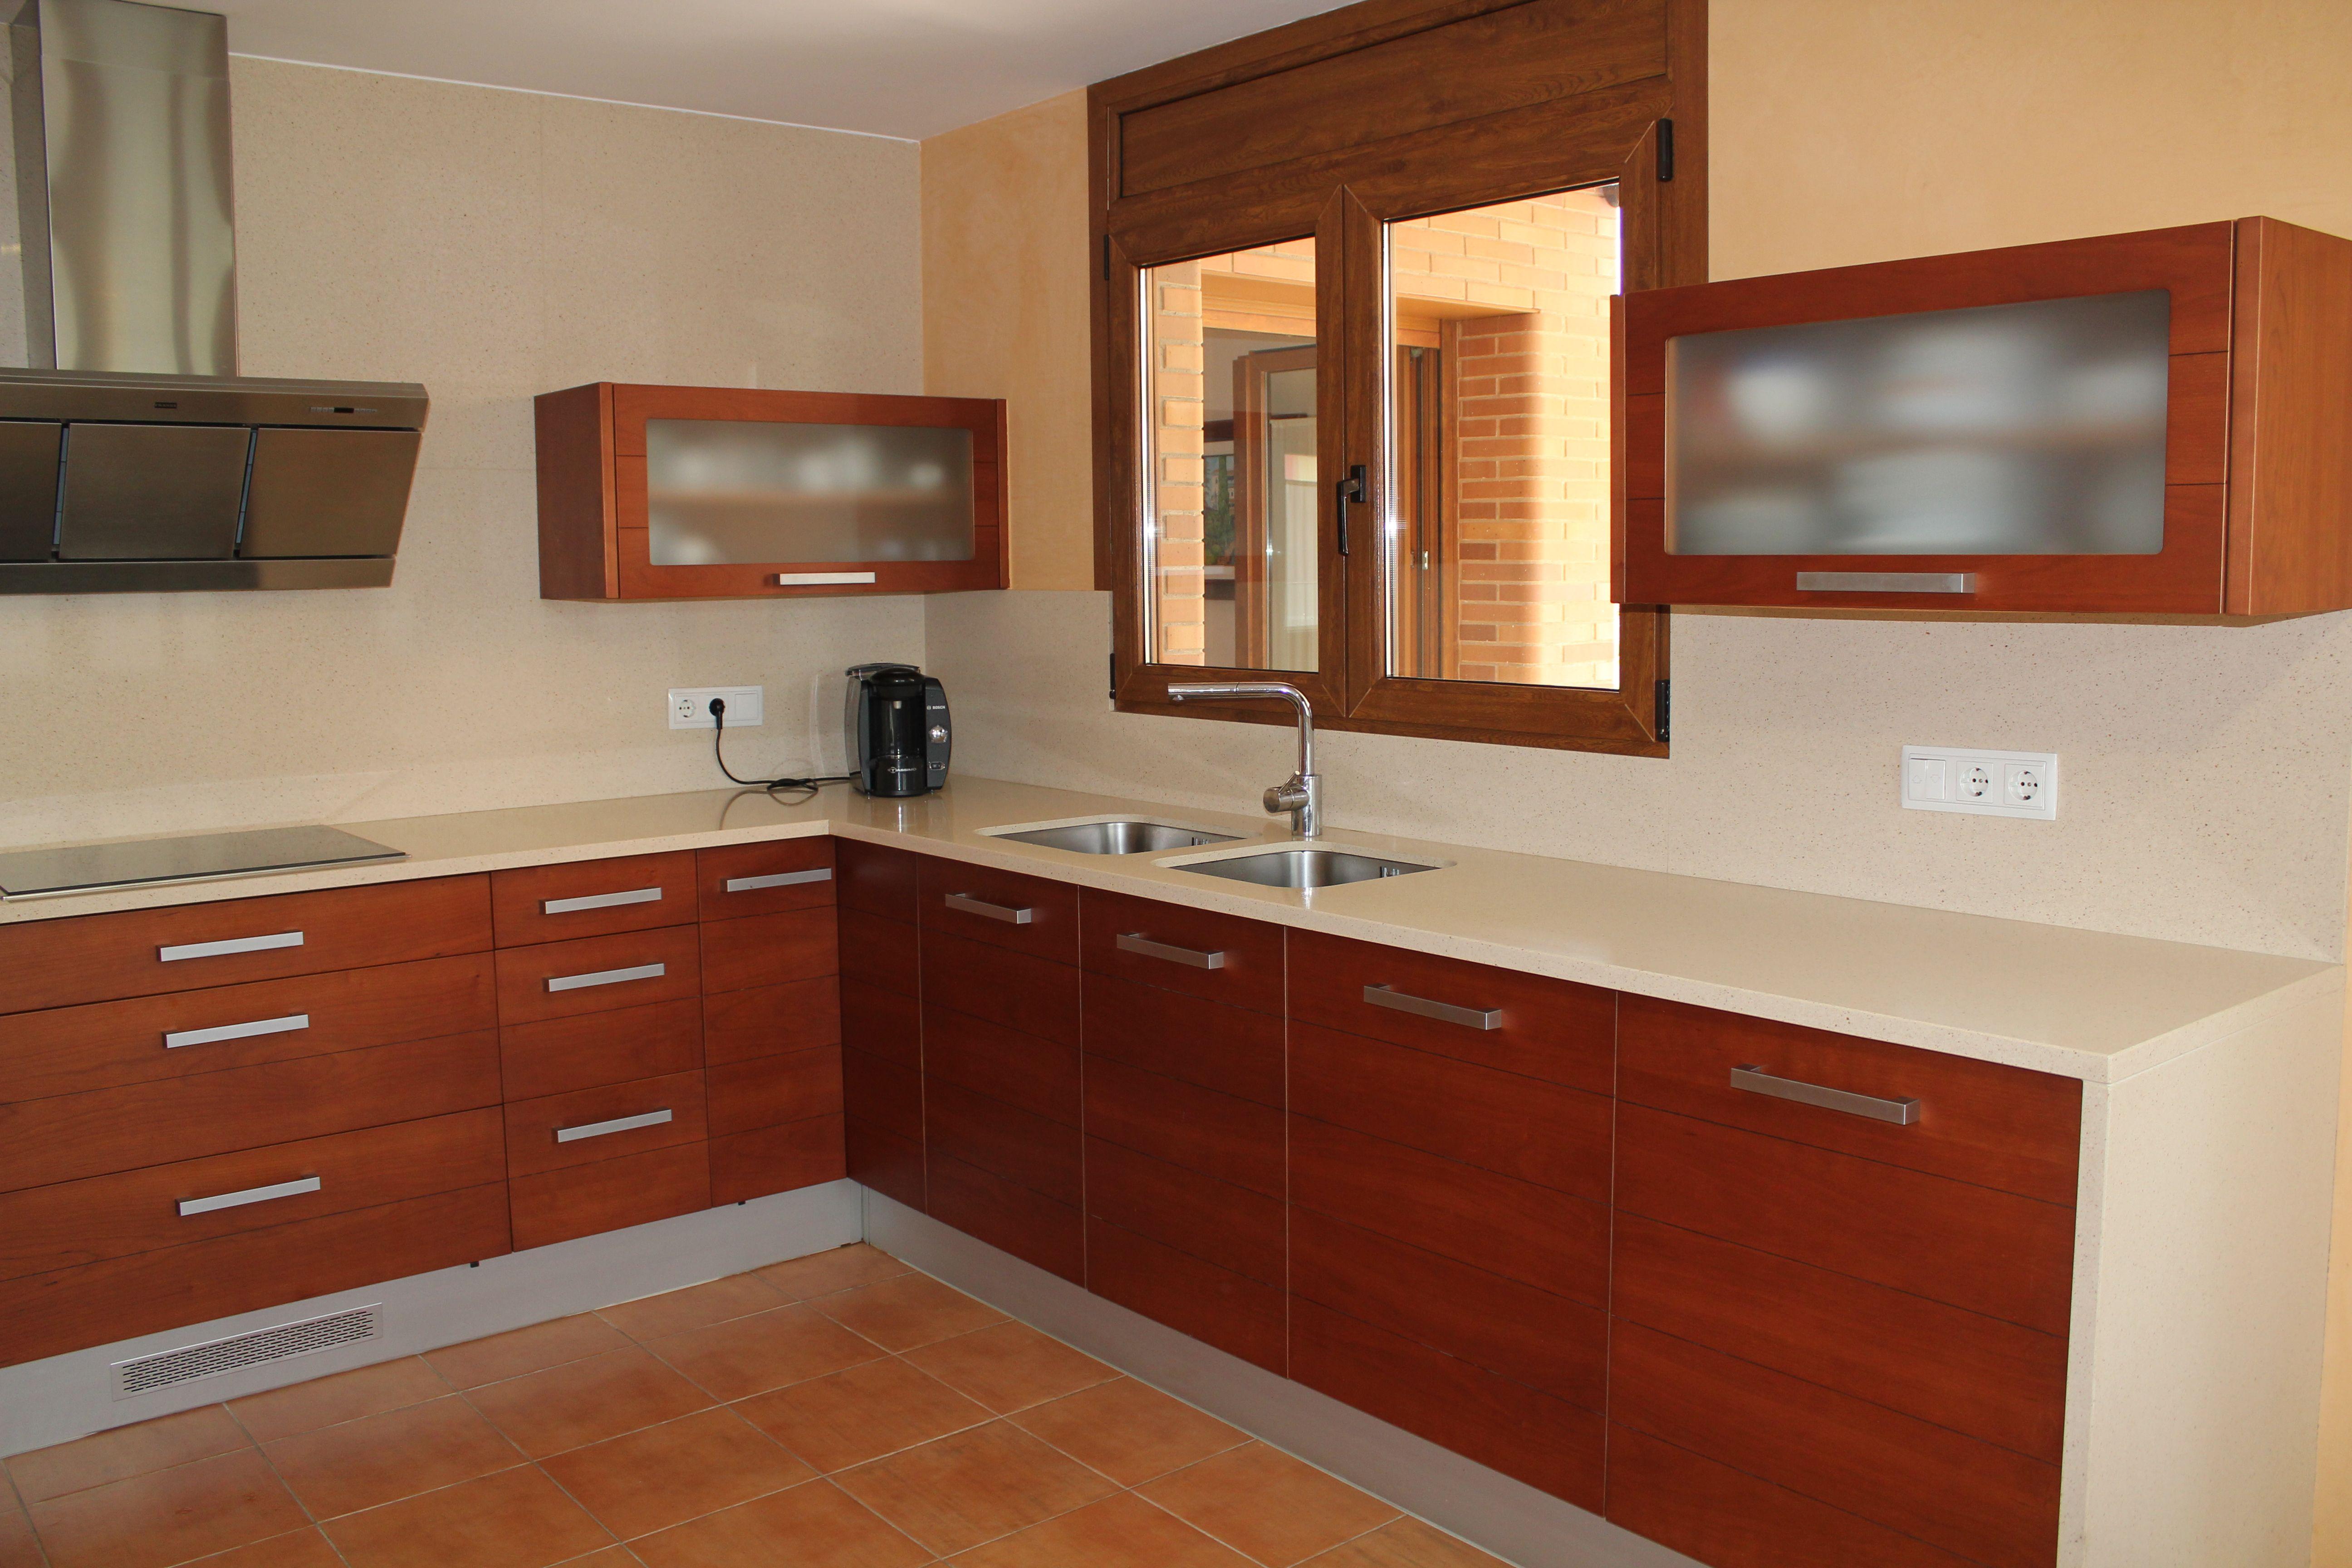 Mobiliario de cocina fabricado en tablero marino, chapado con cerezo ...